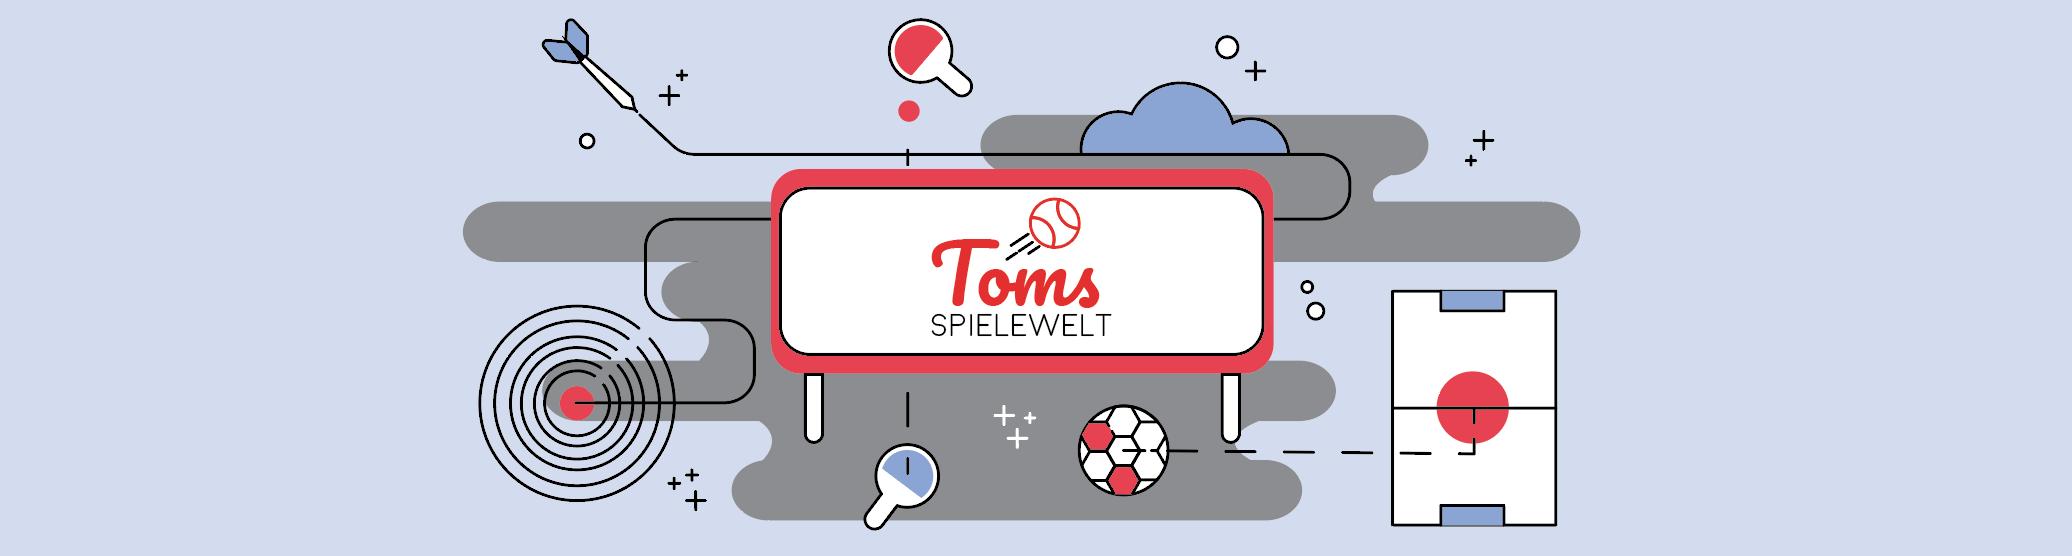 Toms Spielewelt - Partner des ASKÖ THWM werbedruck.cc Lunz am See